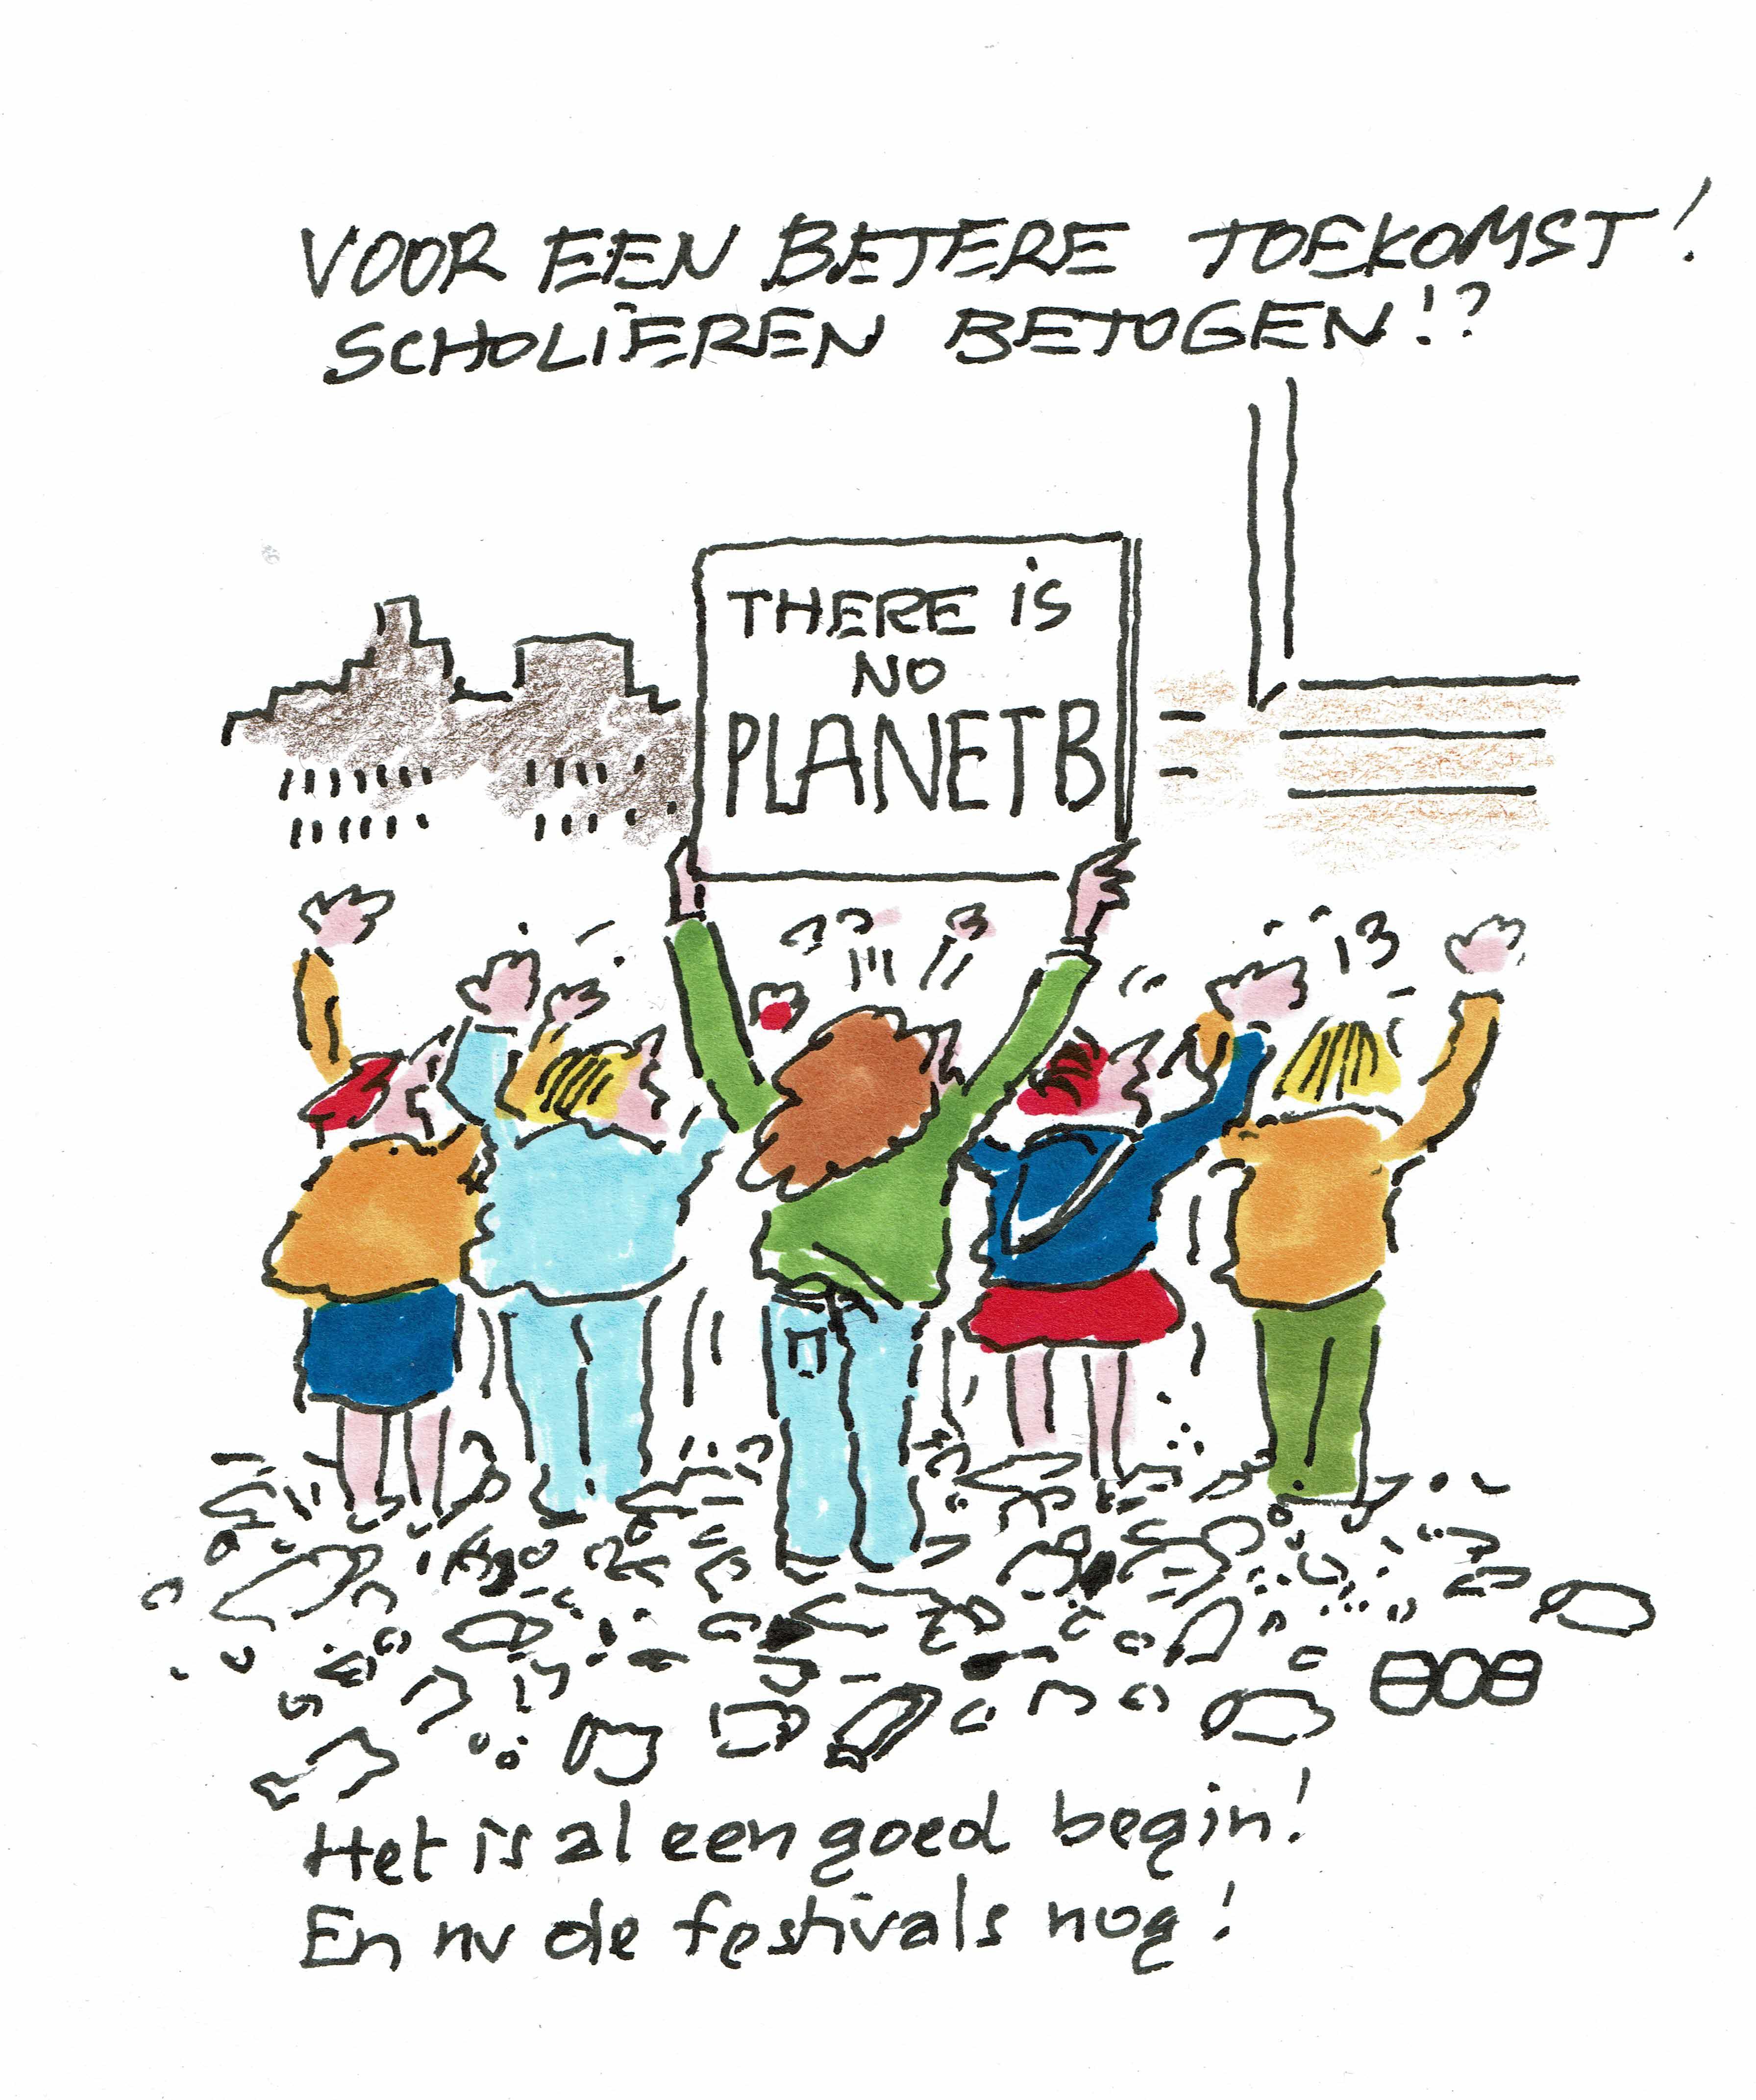 Planet B_000152